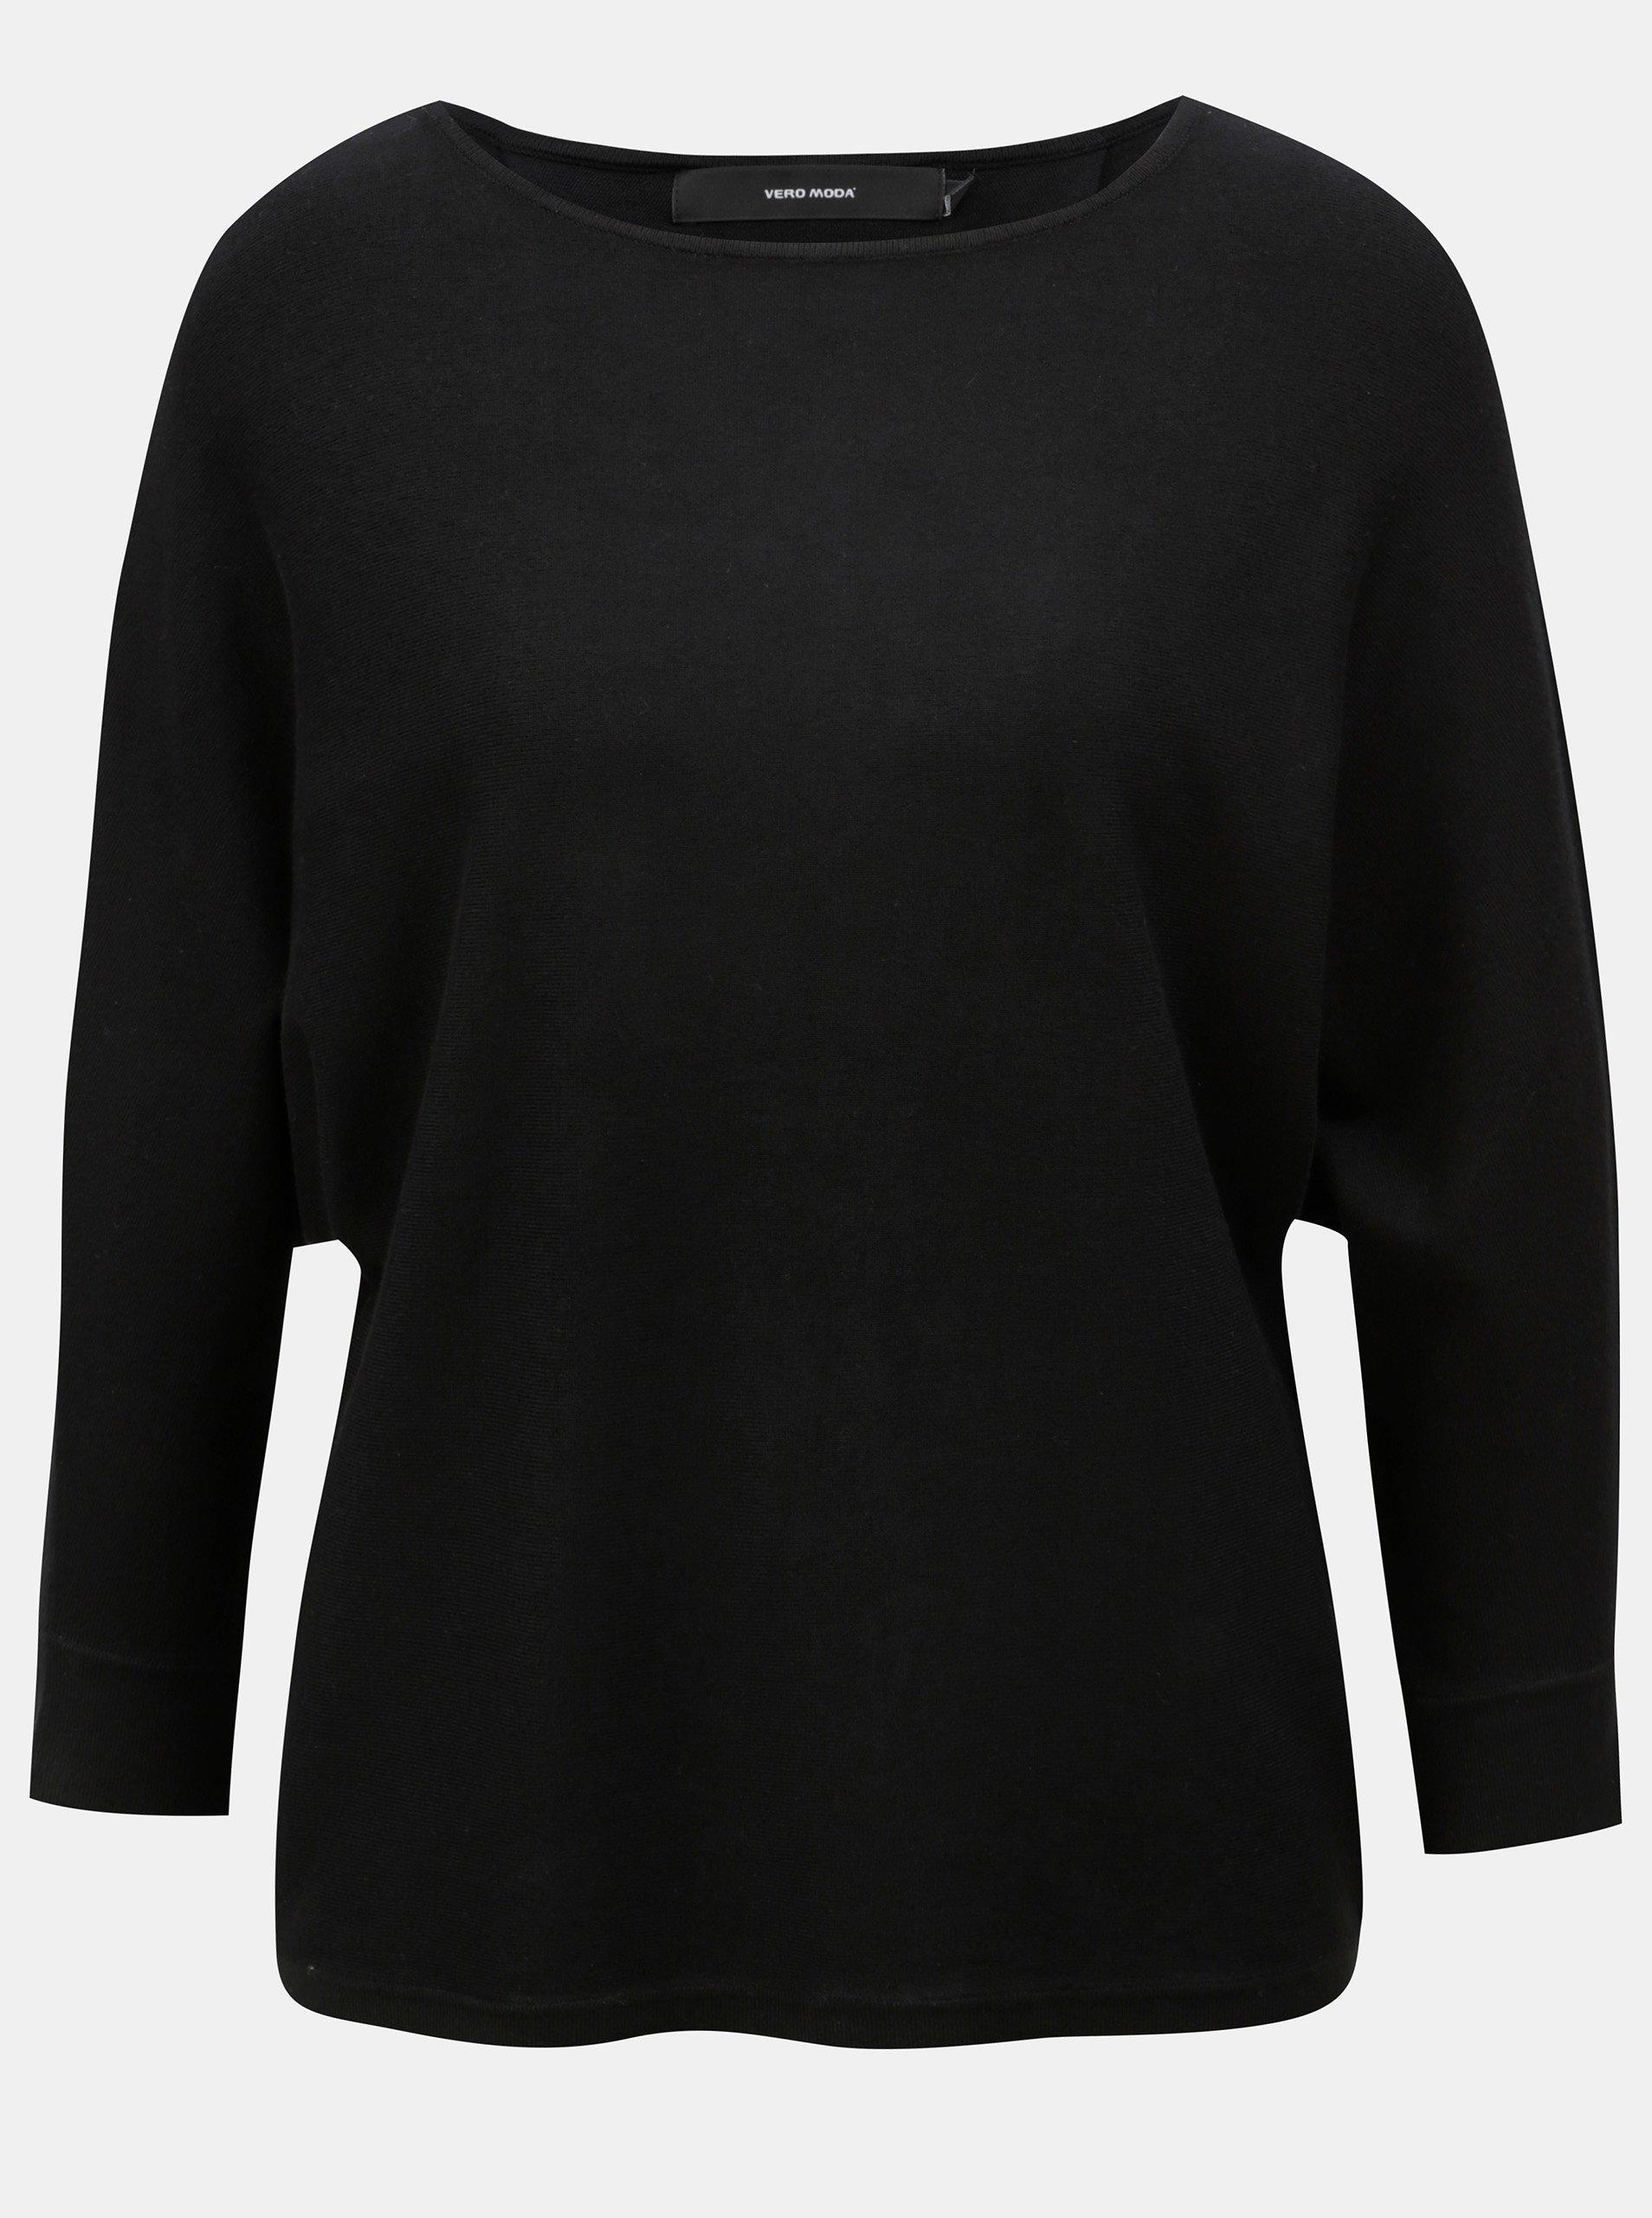 Čierny tenký voľný sveter s 3/4 rukávem VERO MODA